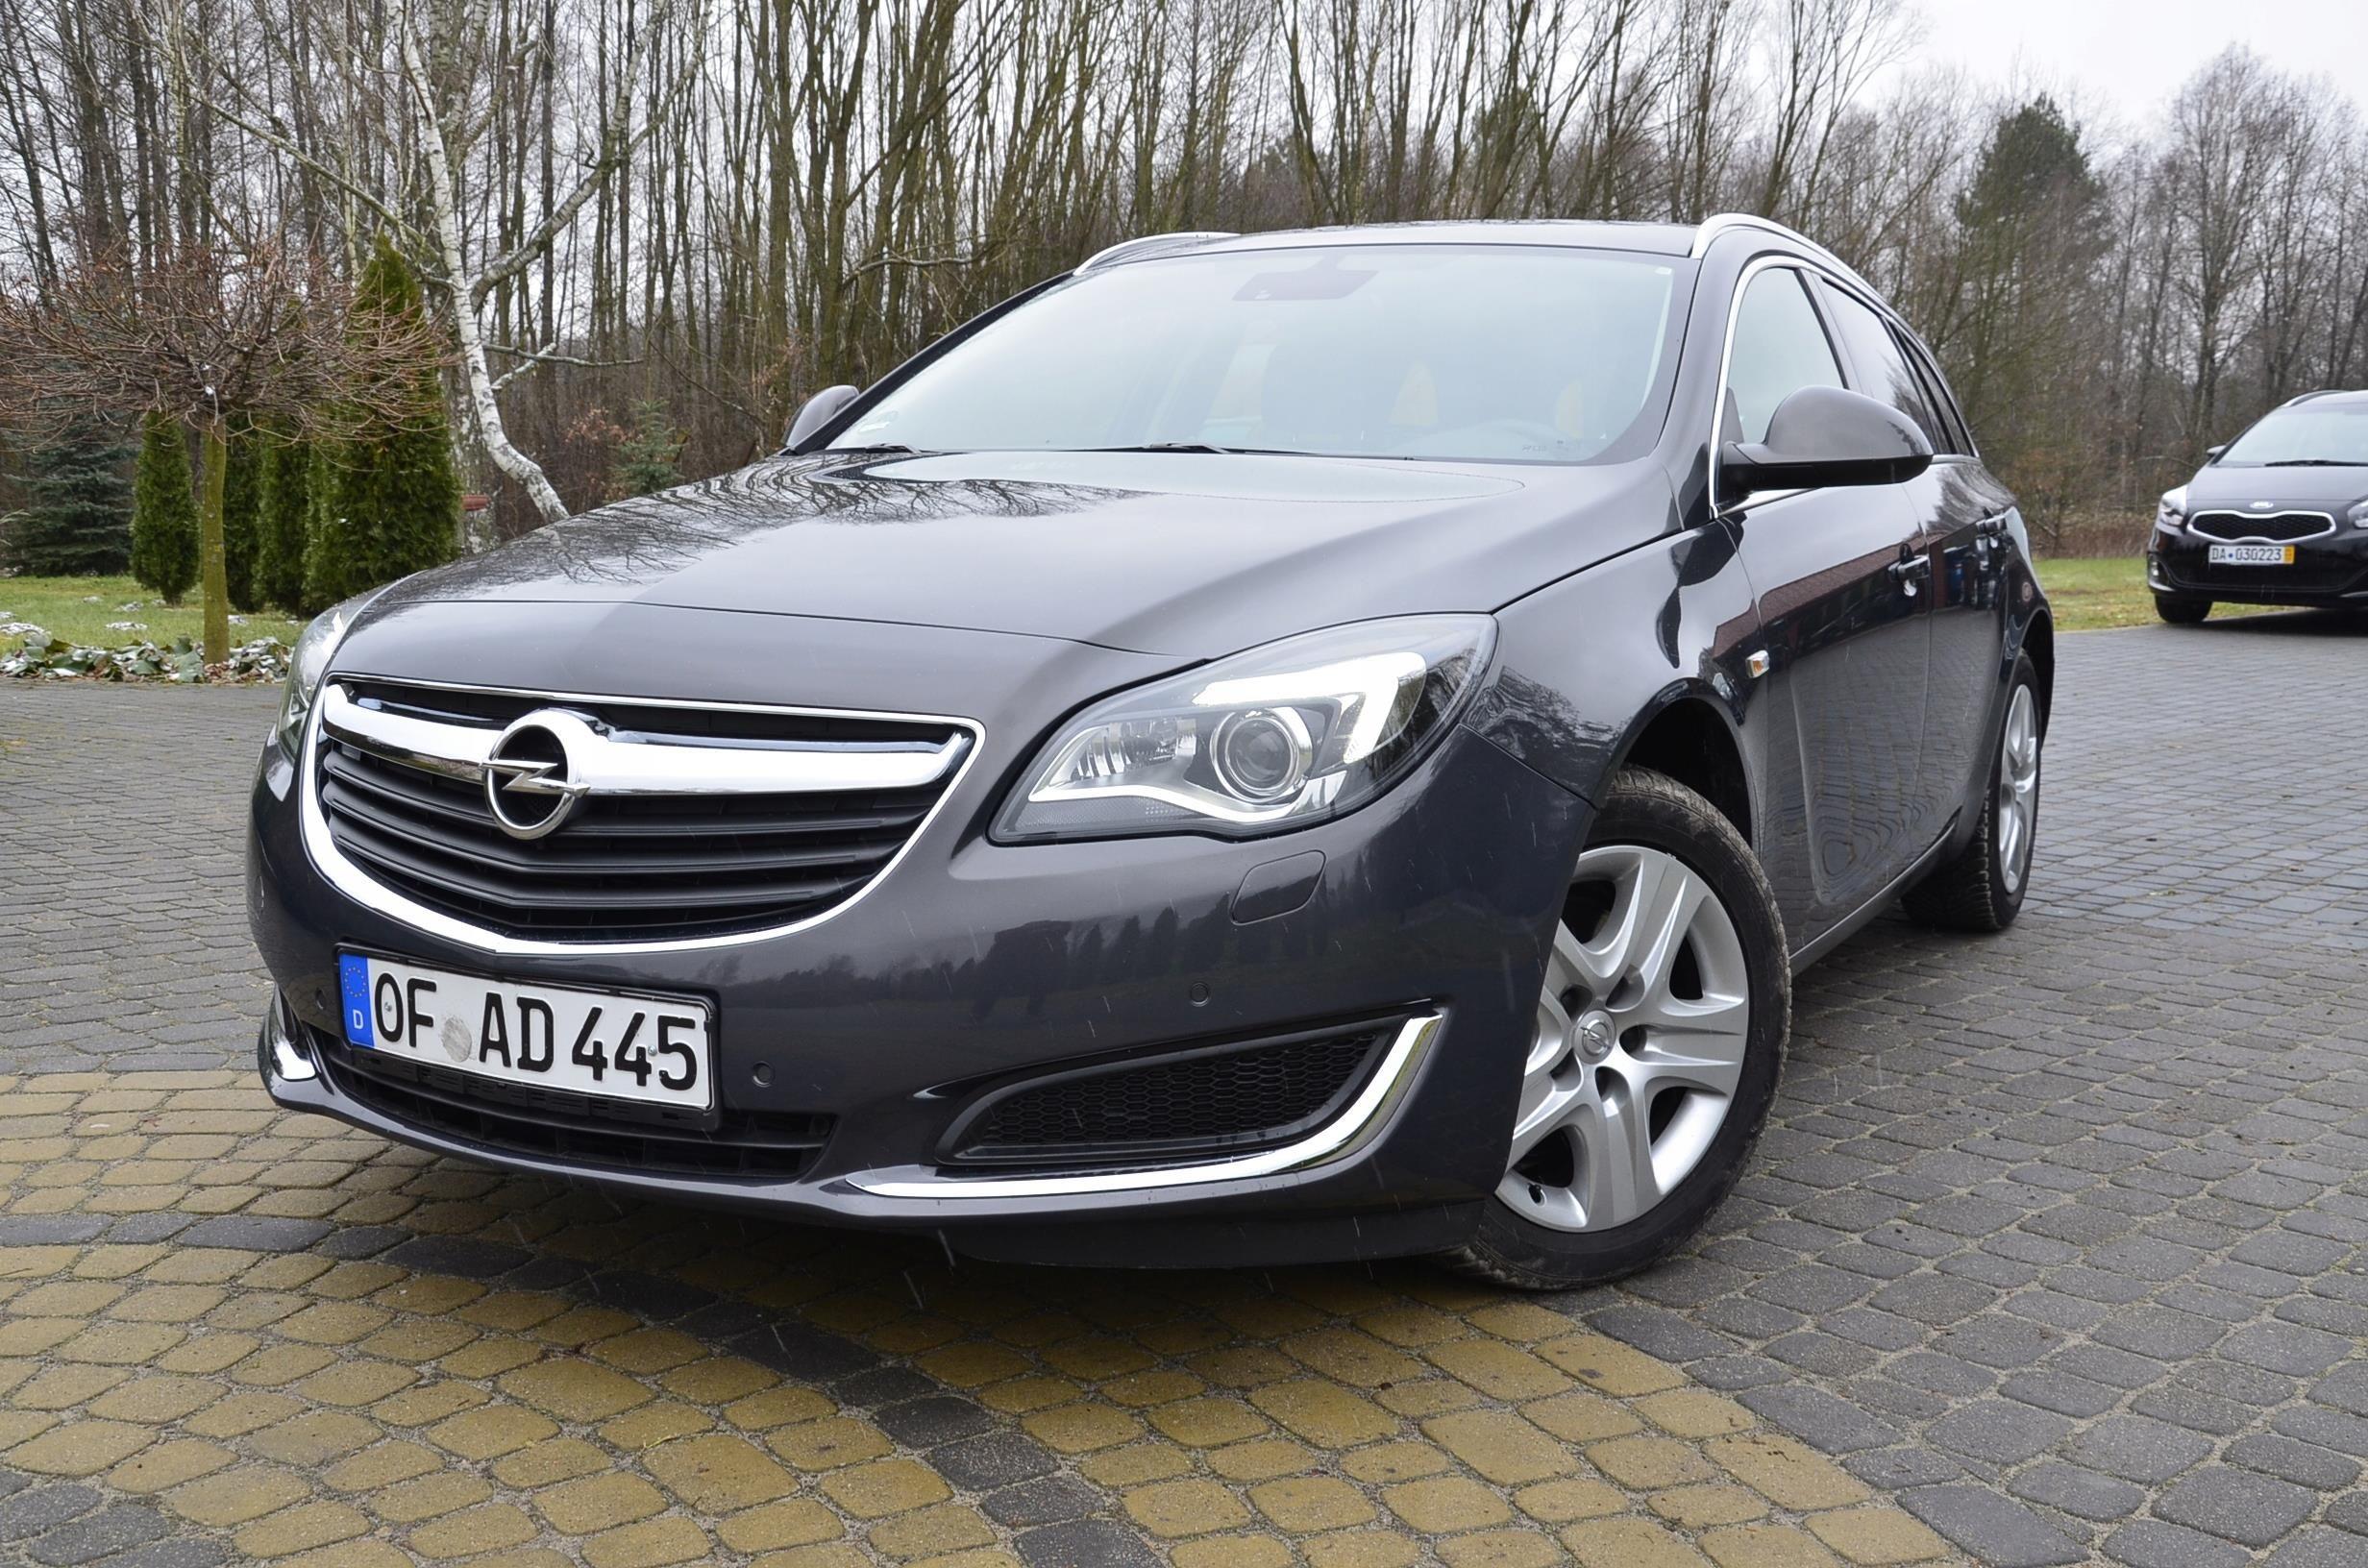 Opel Insignia 2 0 Cdti Lift 163km Automat Led Navi Opinie I Ceny Na Ceneo Pl